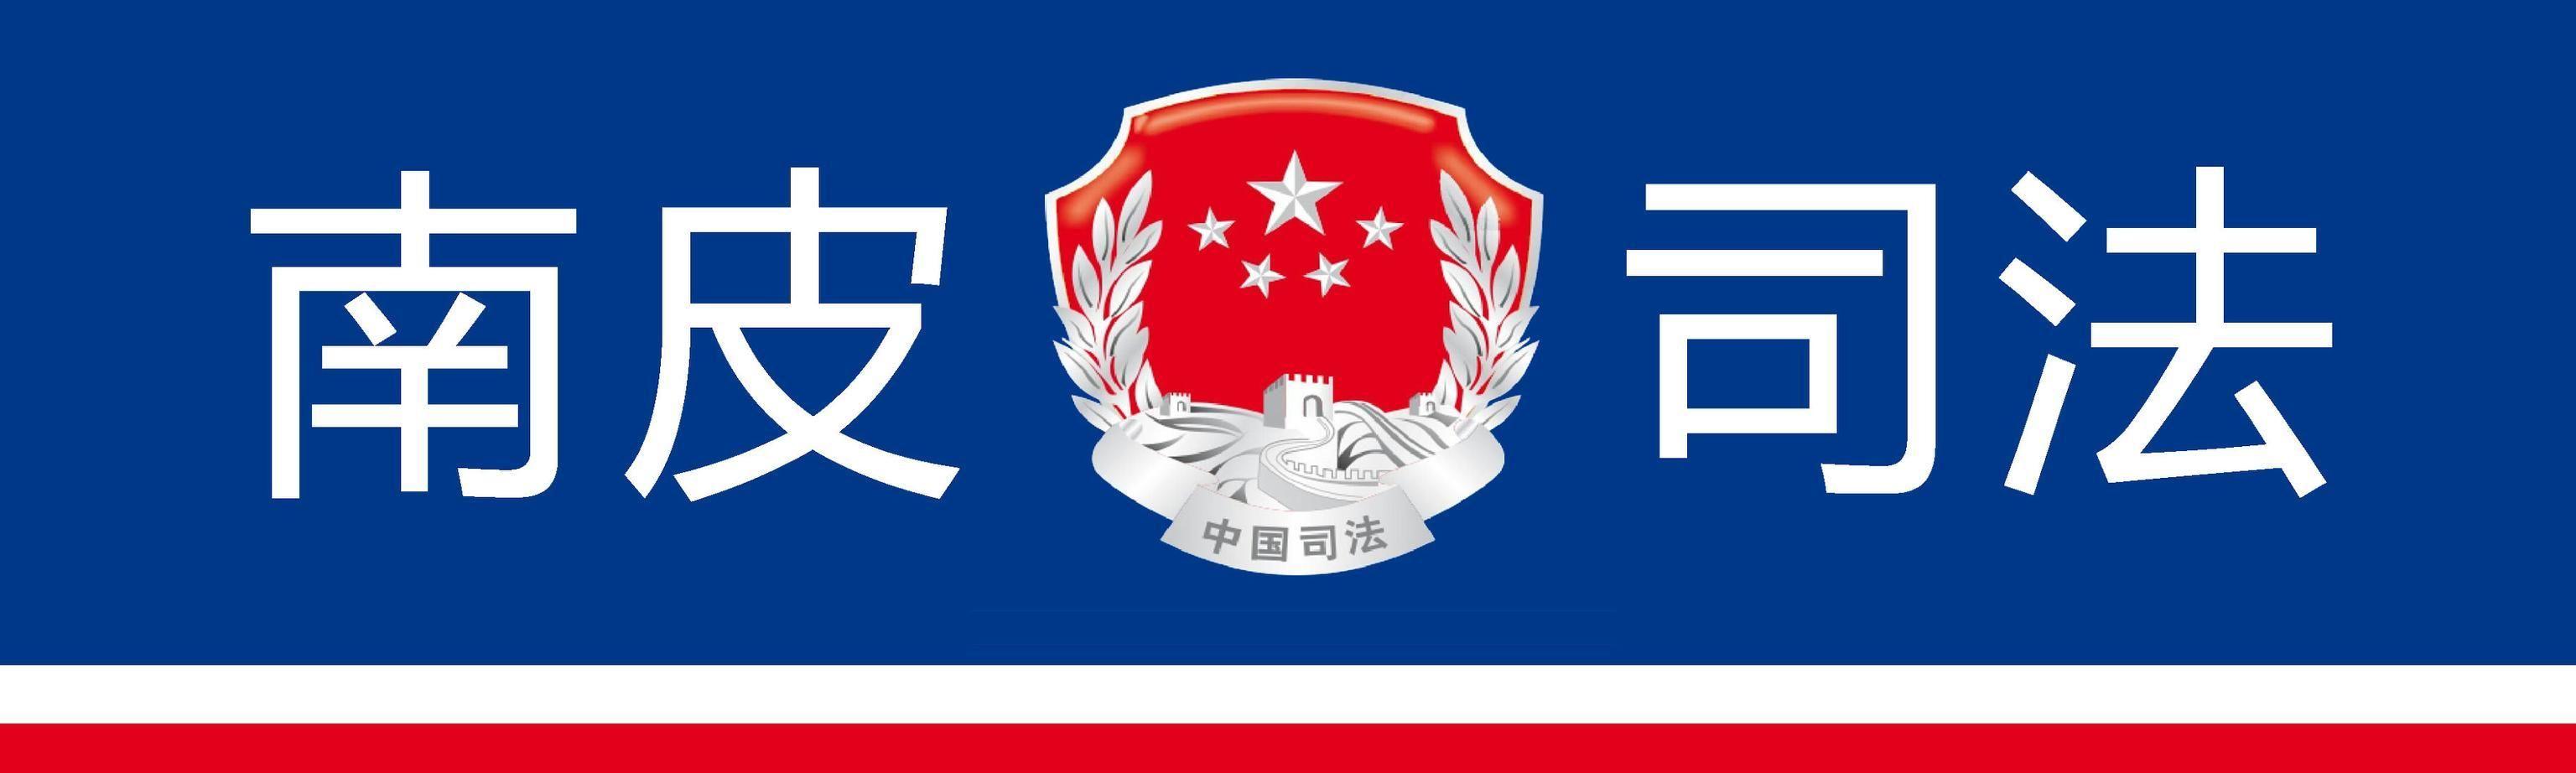 logo 标识 标志 设计 矢量 矢量图 素材 图标 3072_922